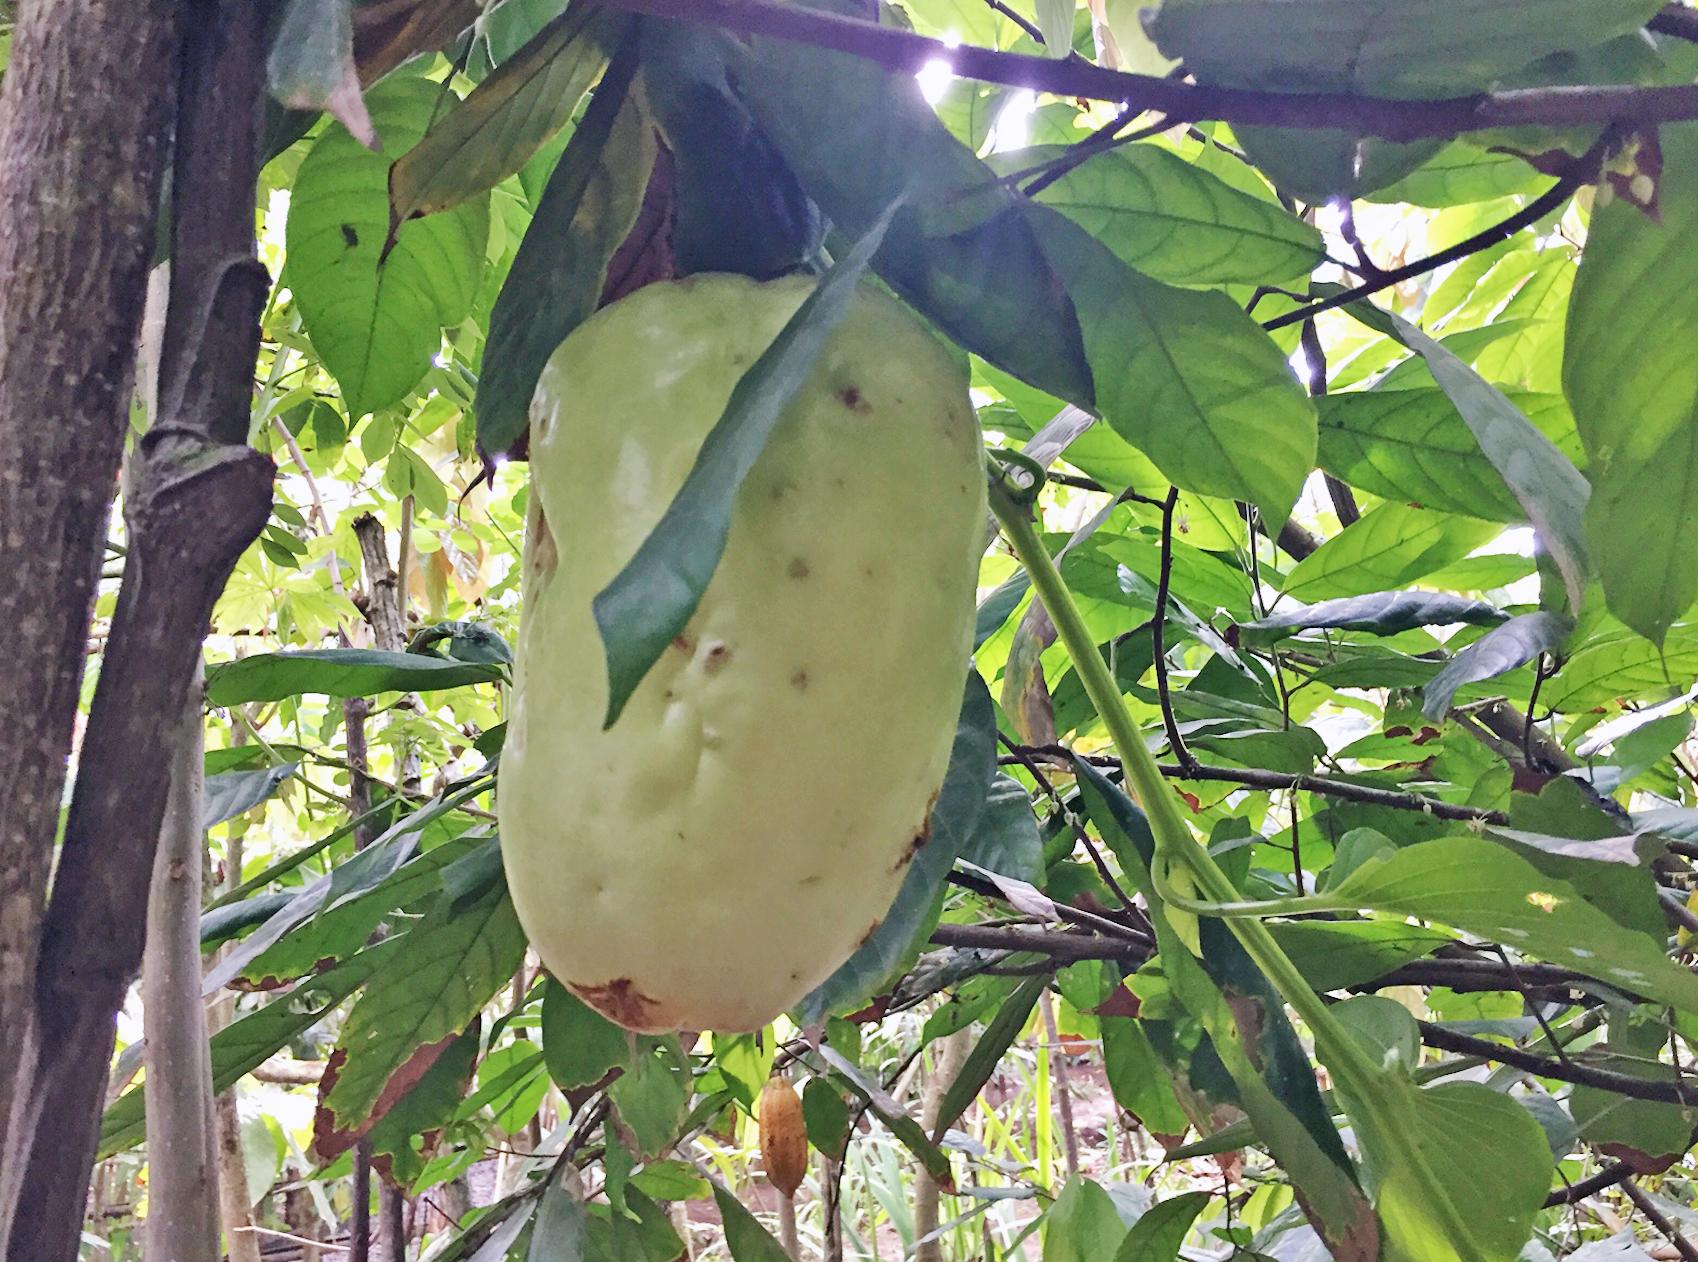 Slik ser en kakaofrukt ut. Ekte saker..